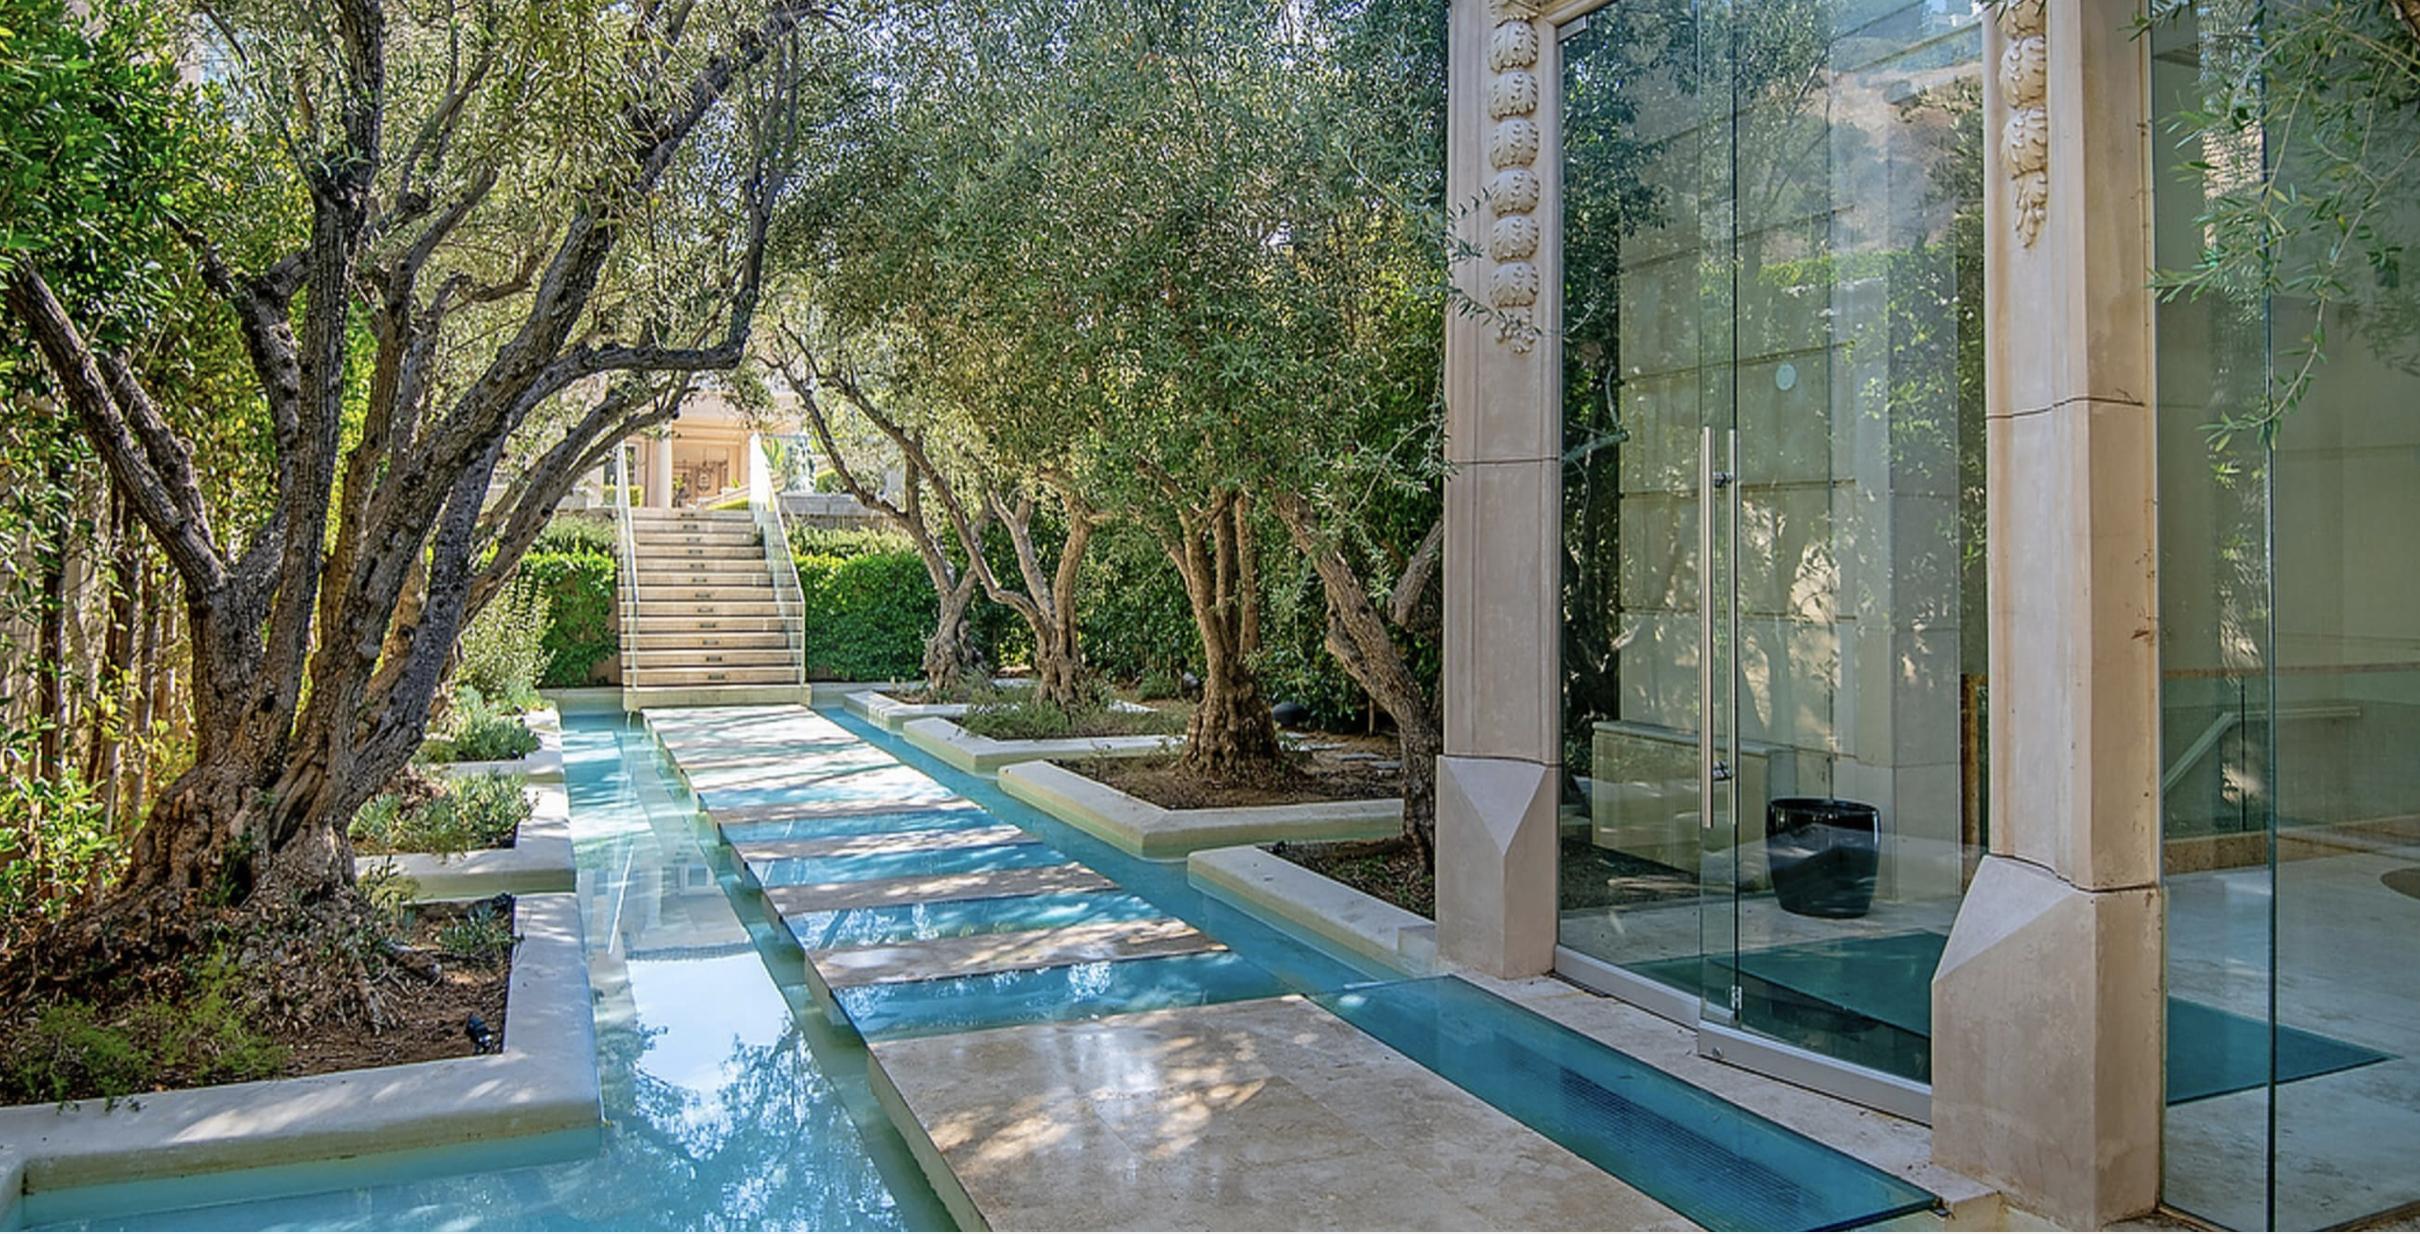 #mls #Realestate #propertyforsale #houseforsale #home #homesforsale #housesforrent #luxury #California #Beverlyhills #Ahavajerusalem #realtor